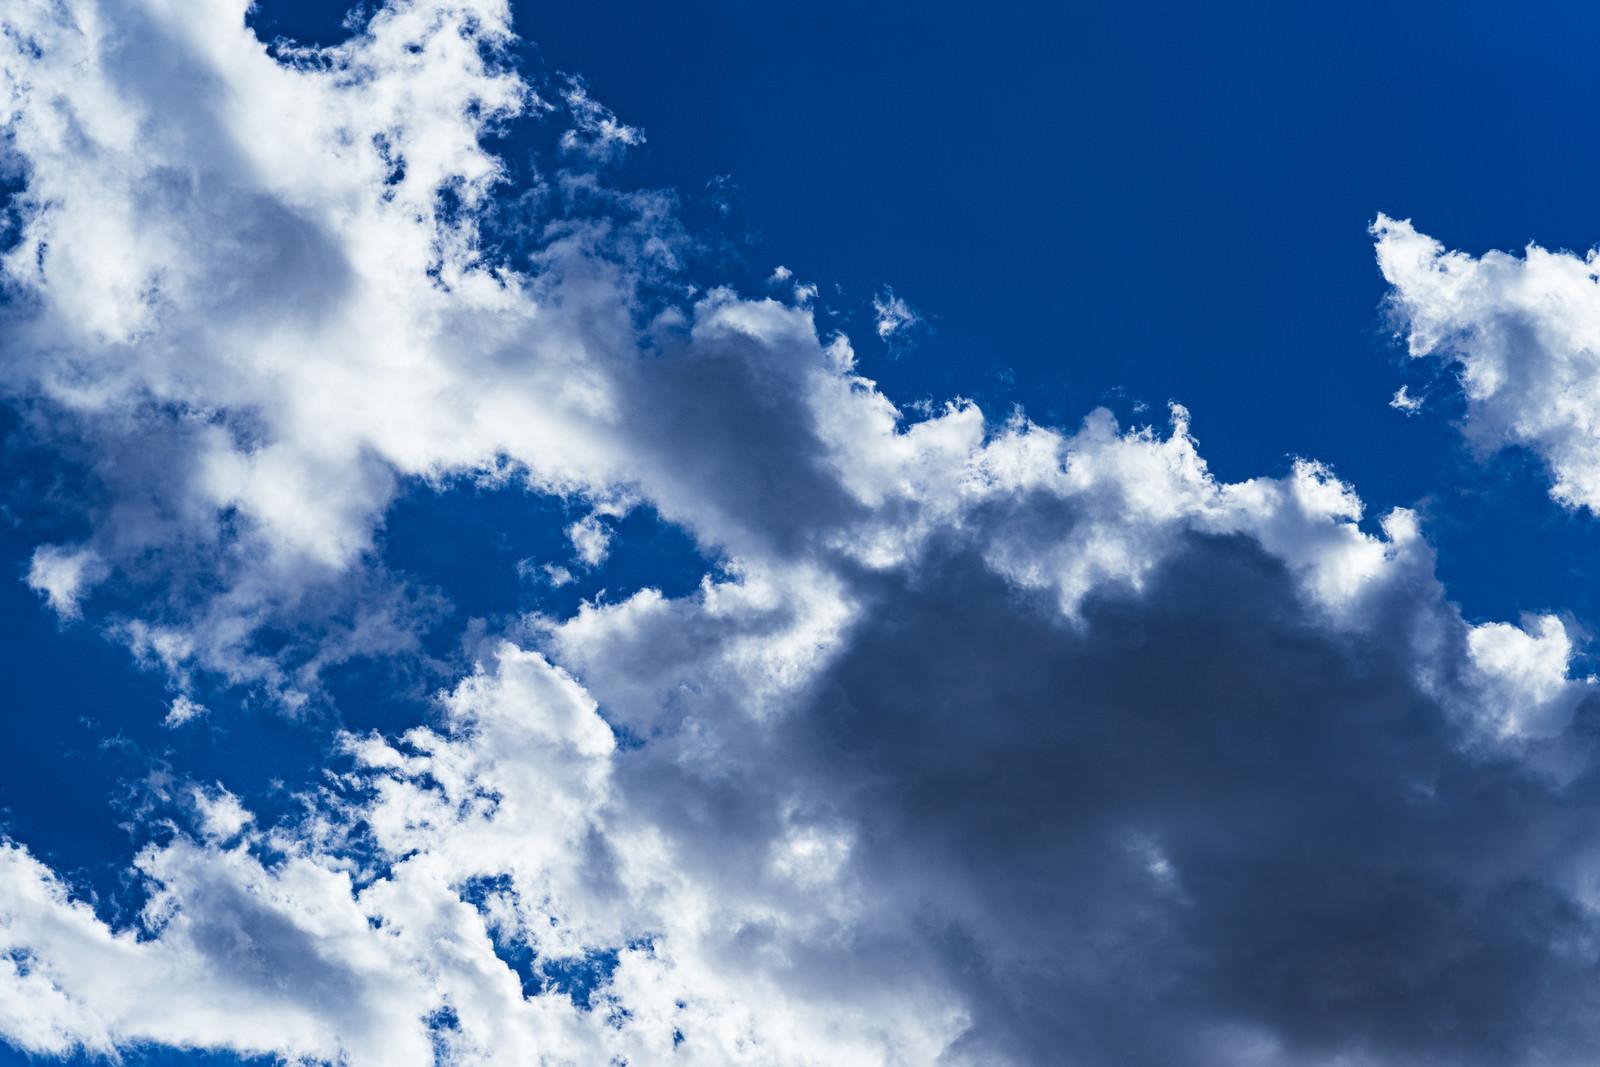 「白色の雲の黒い影」の写真